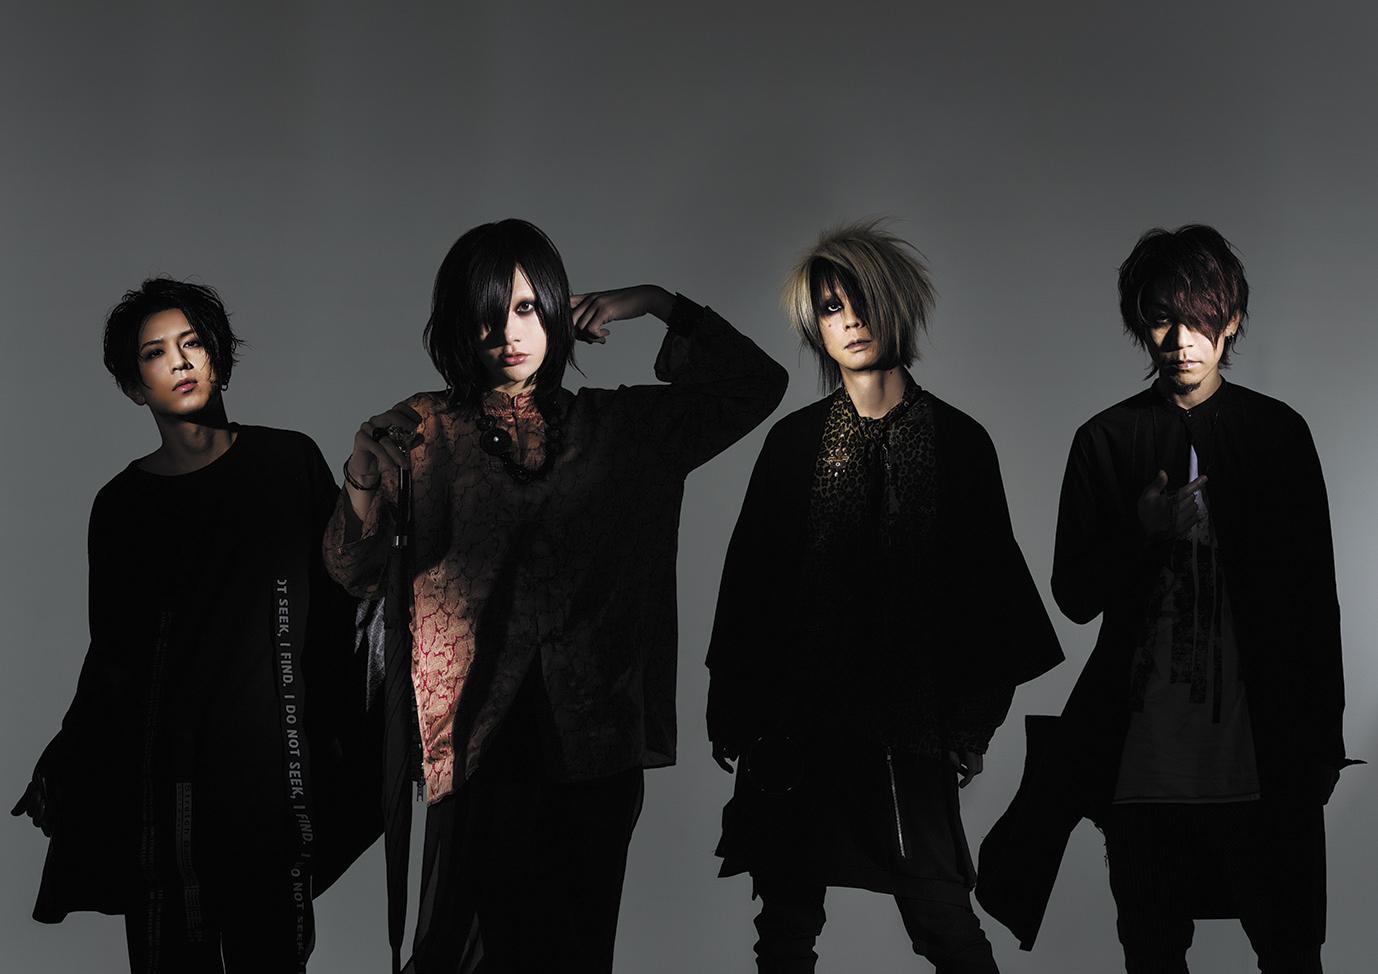 L→R 佐藤ケンケン(Dr)、有村竜太朗(Vo)、長谷川 正(Ba)、ナカヤマアキラ(Gu)